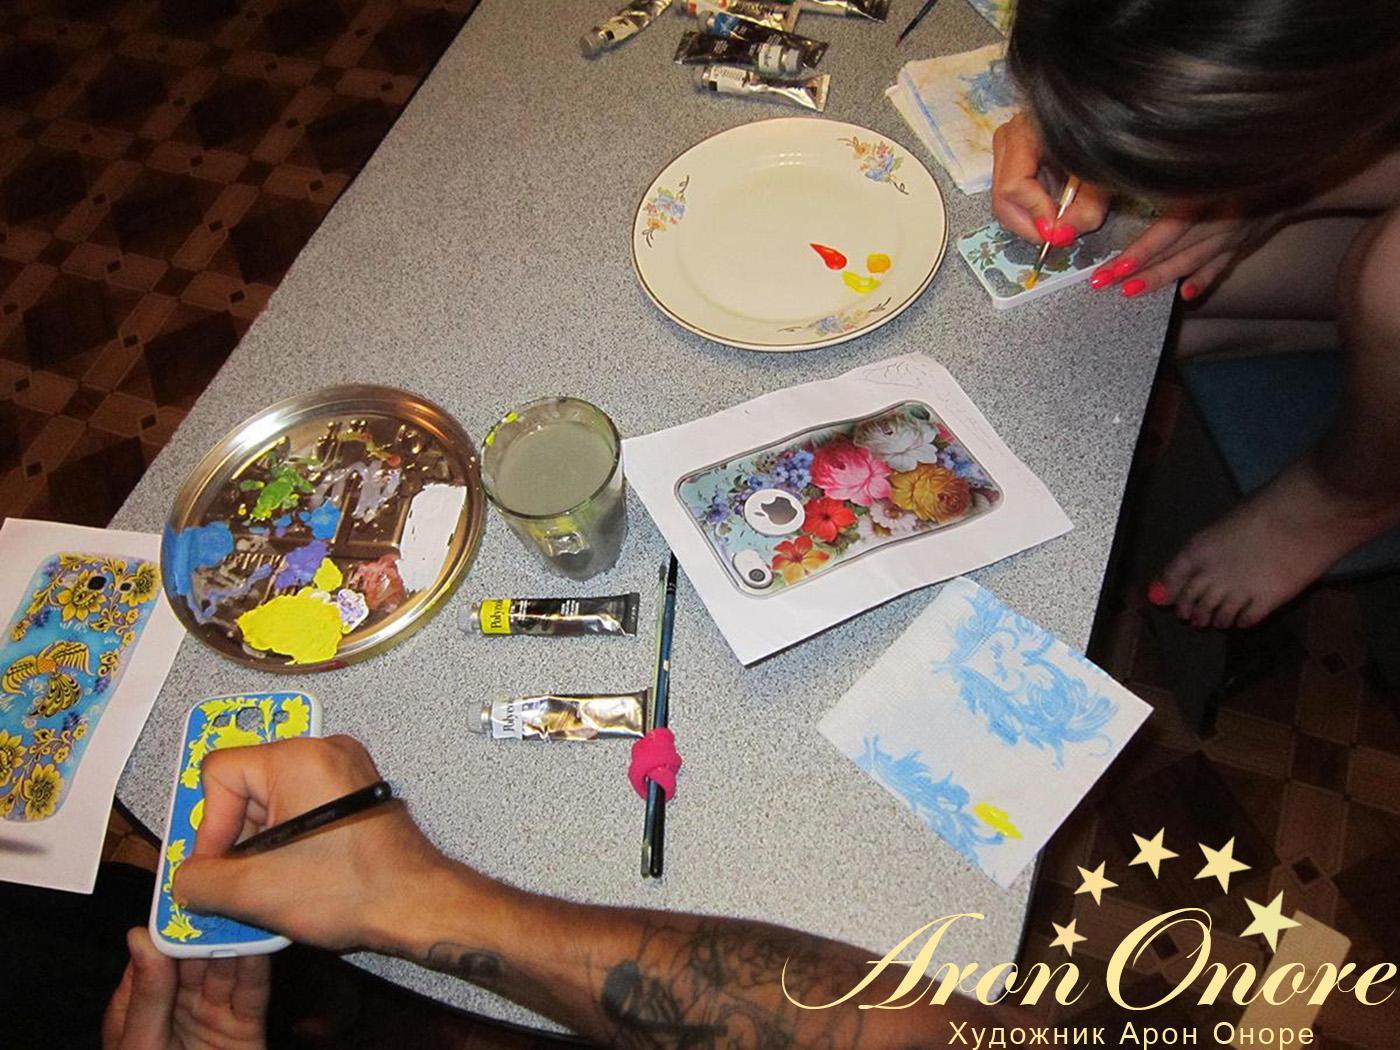 Художники аэрографы – делают роспись на мобильном телефоне